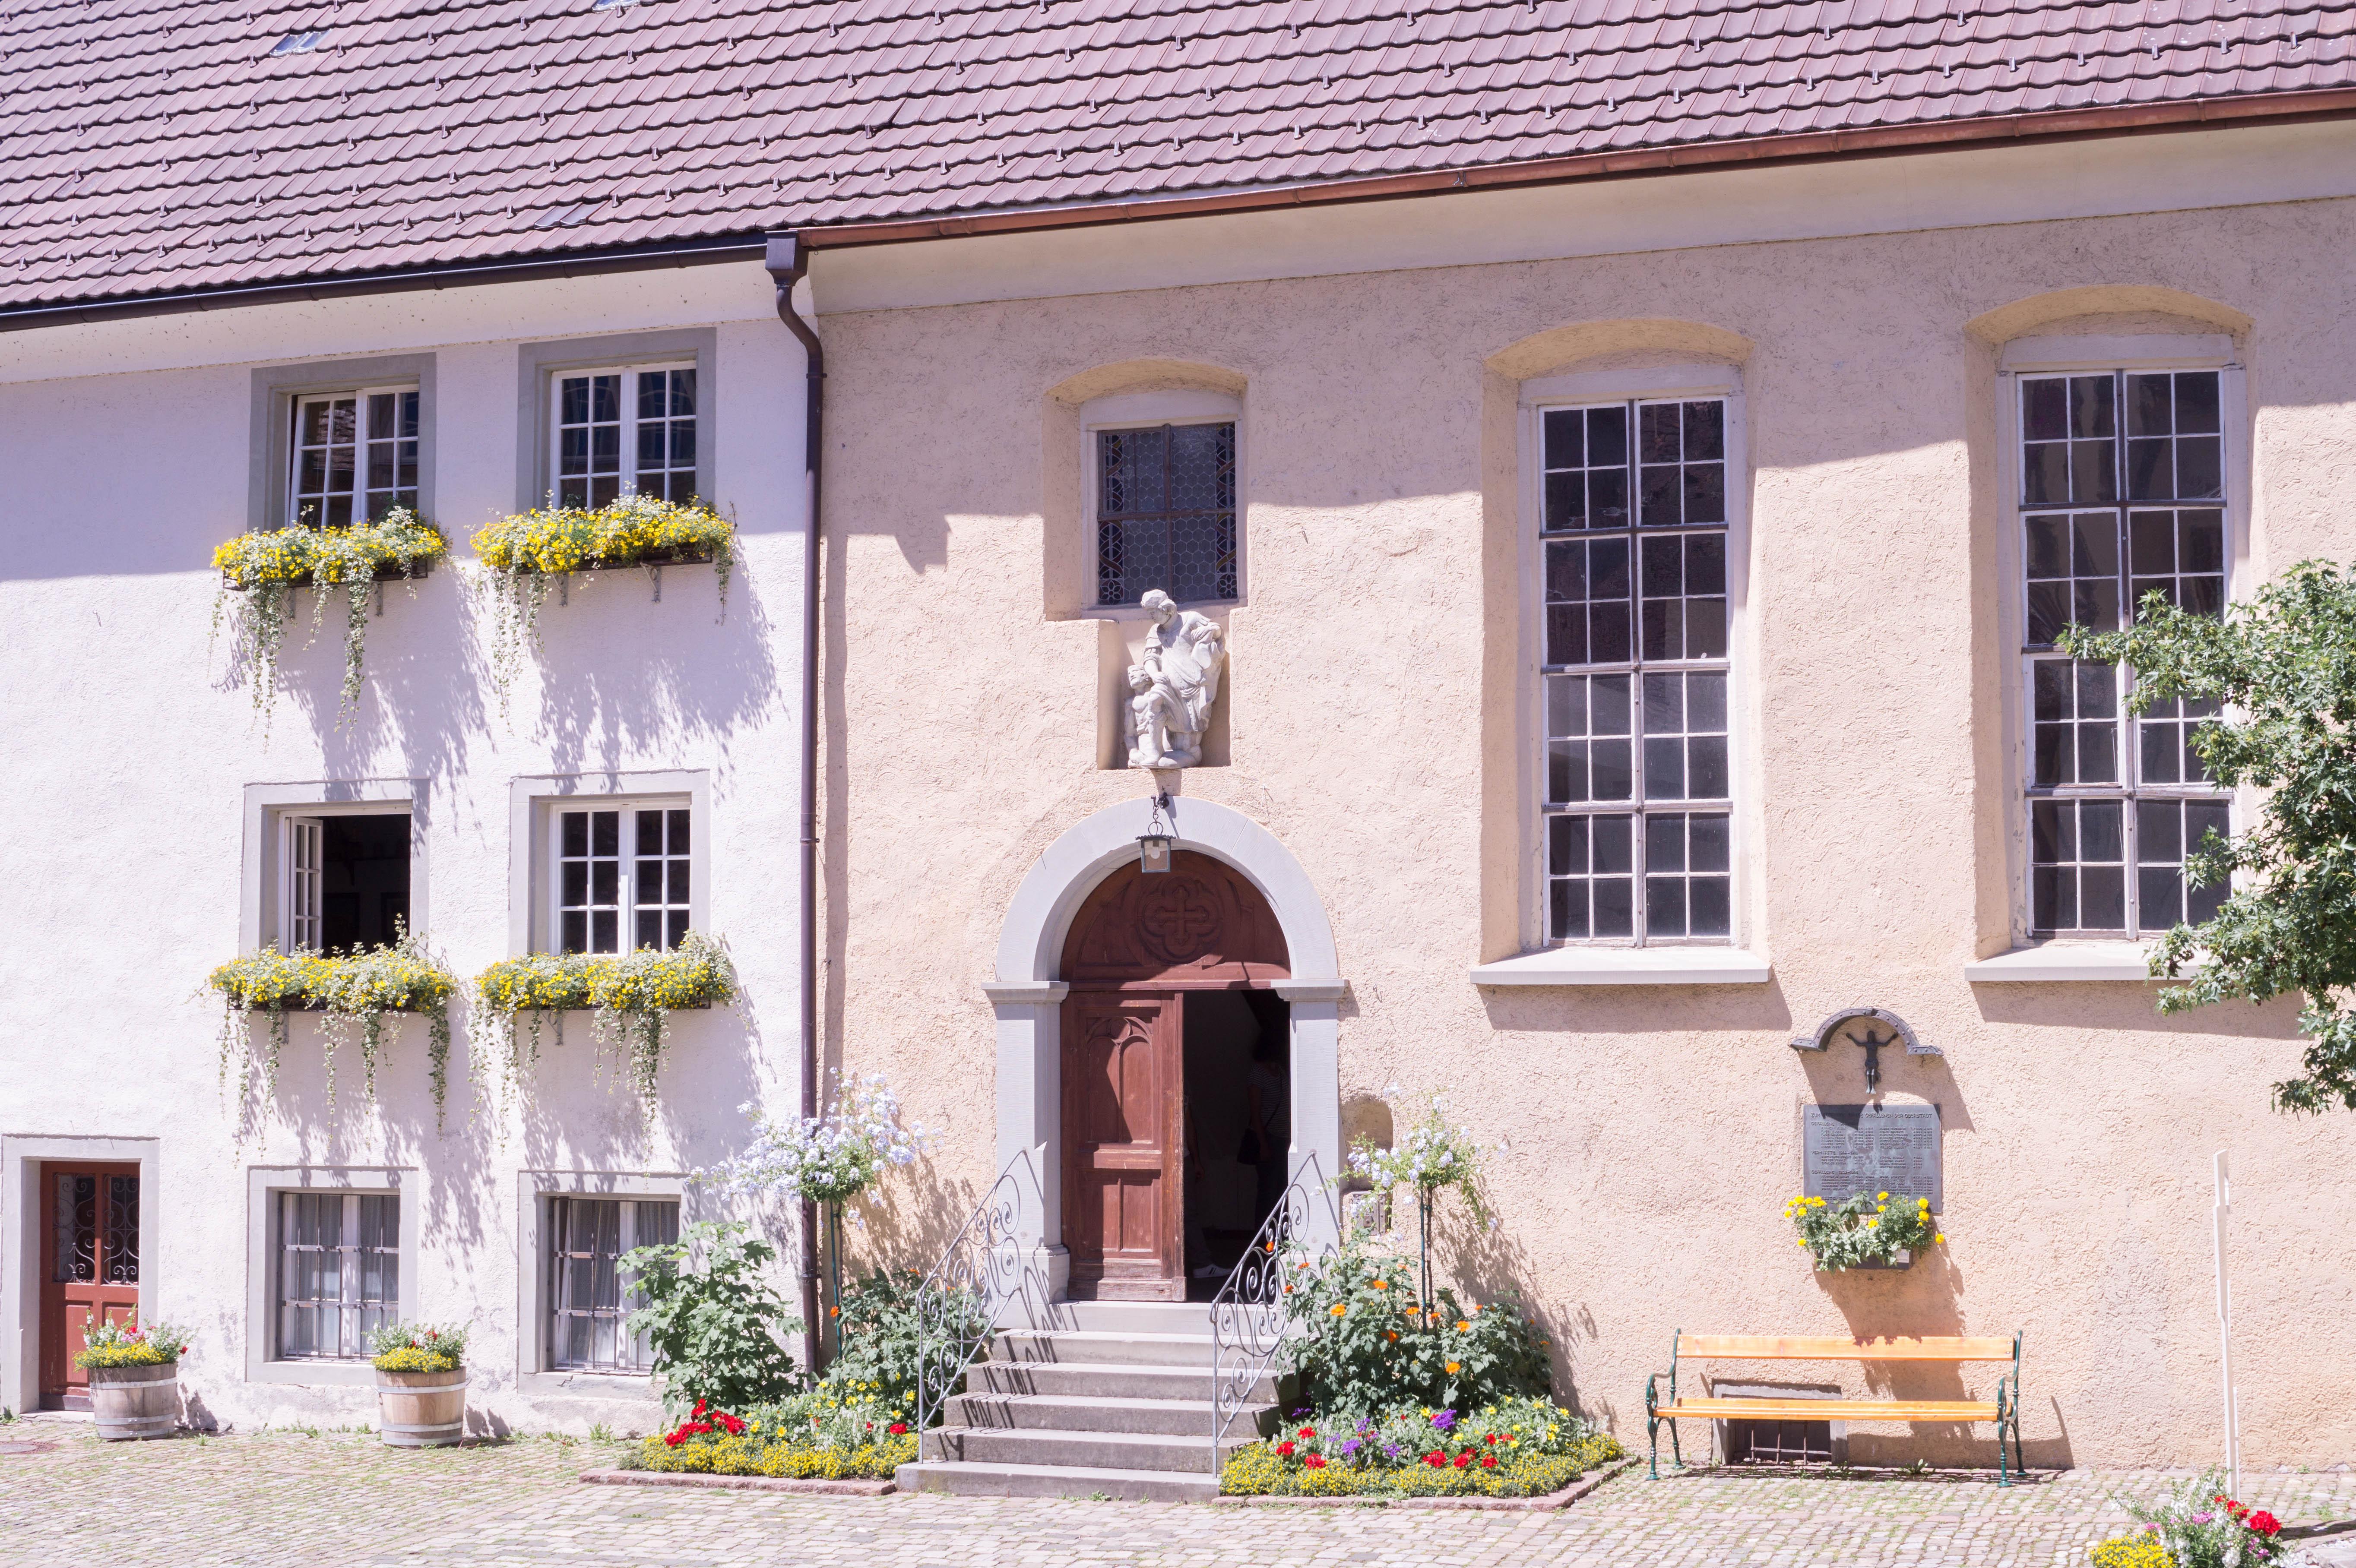 Bregenz Austria Old Town Summer Flowers